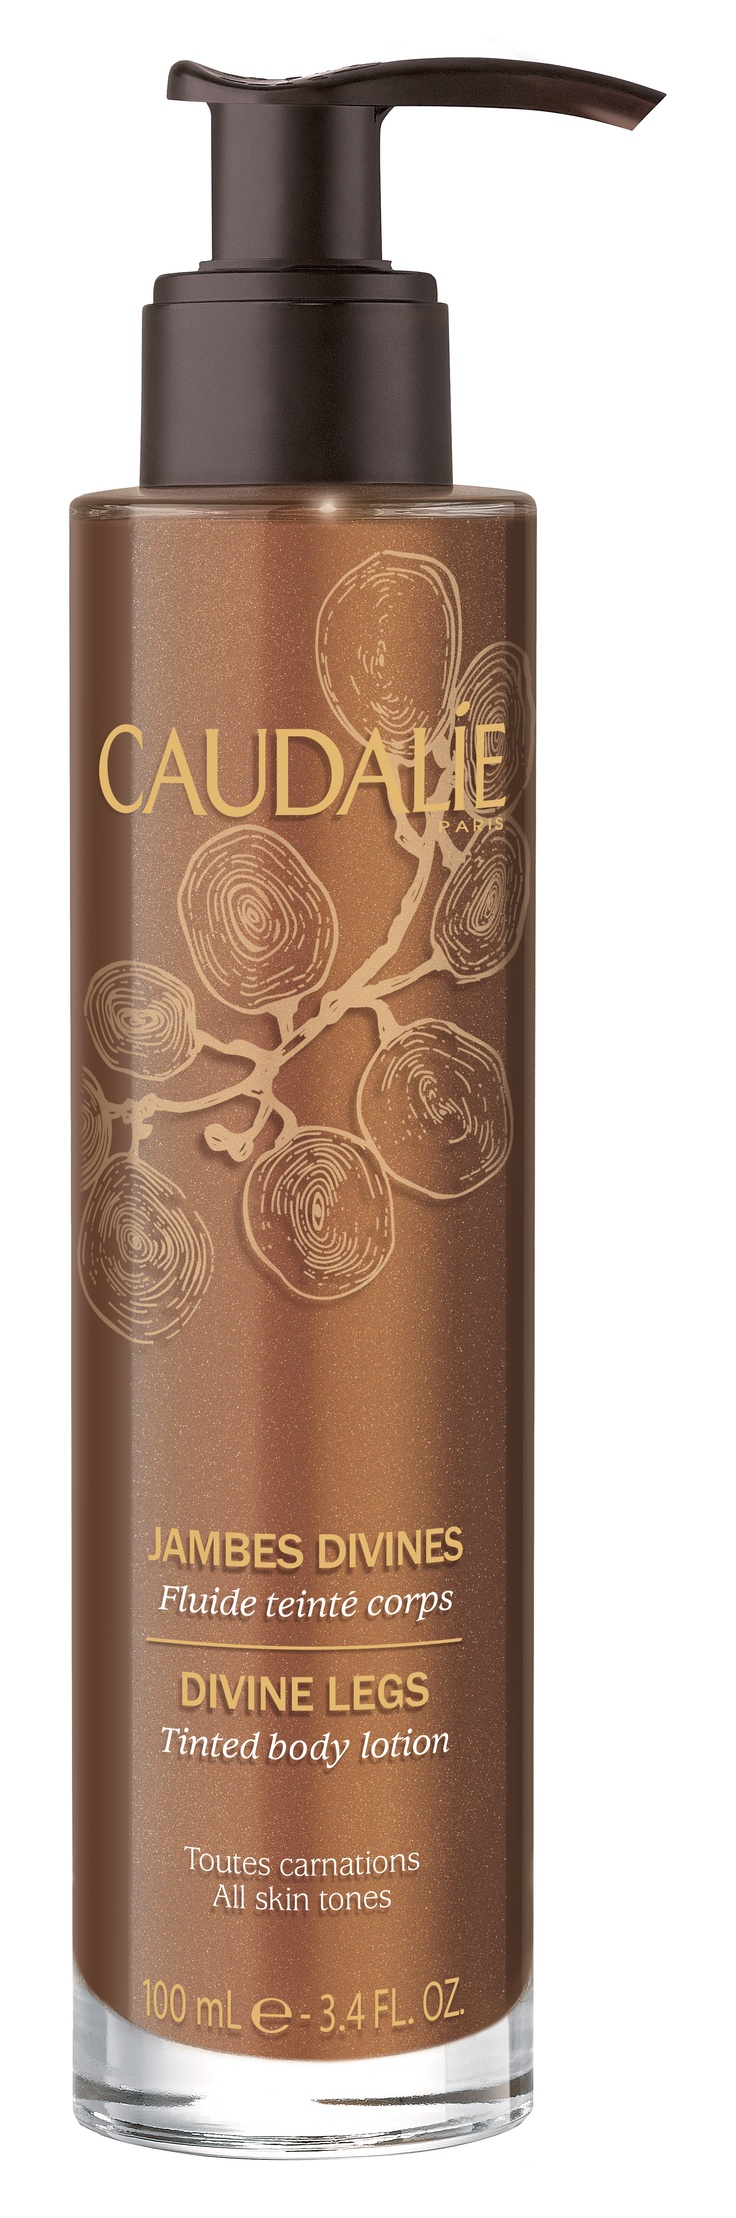 #Caudalie #Jambesdivines - Parfumerie et parapharmacie - Caudalie